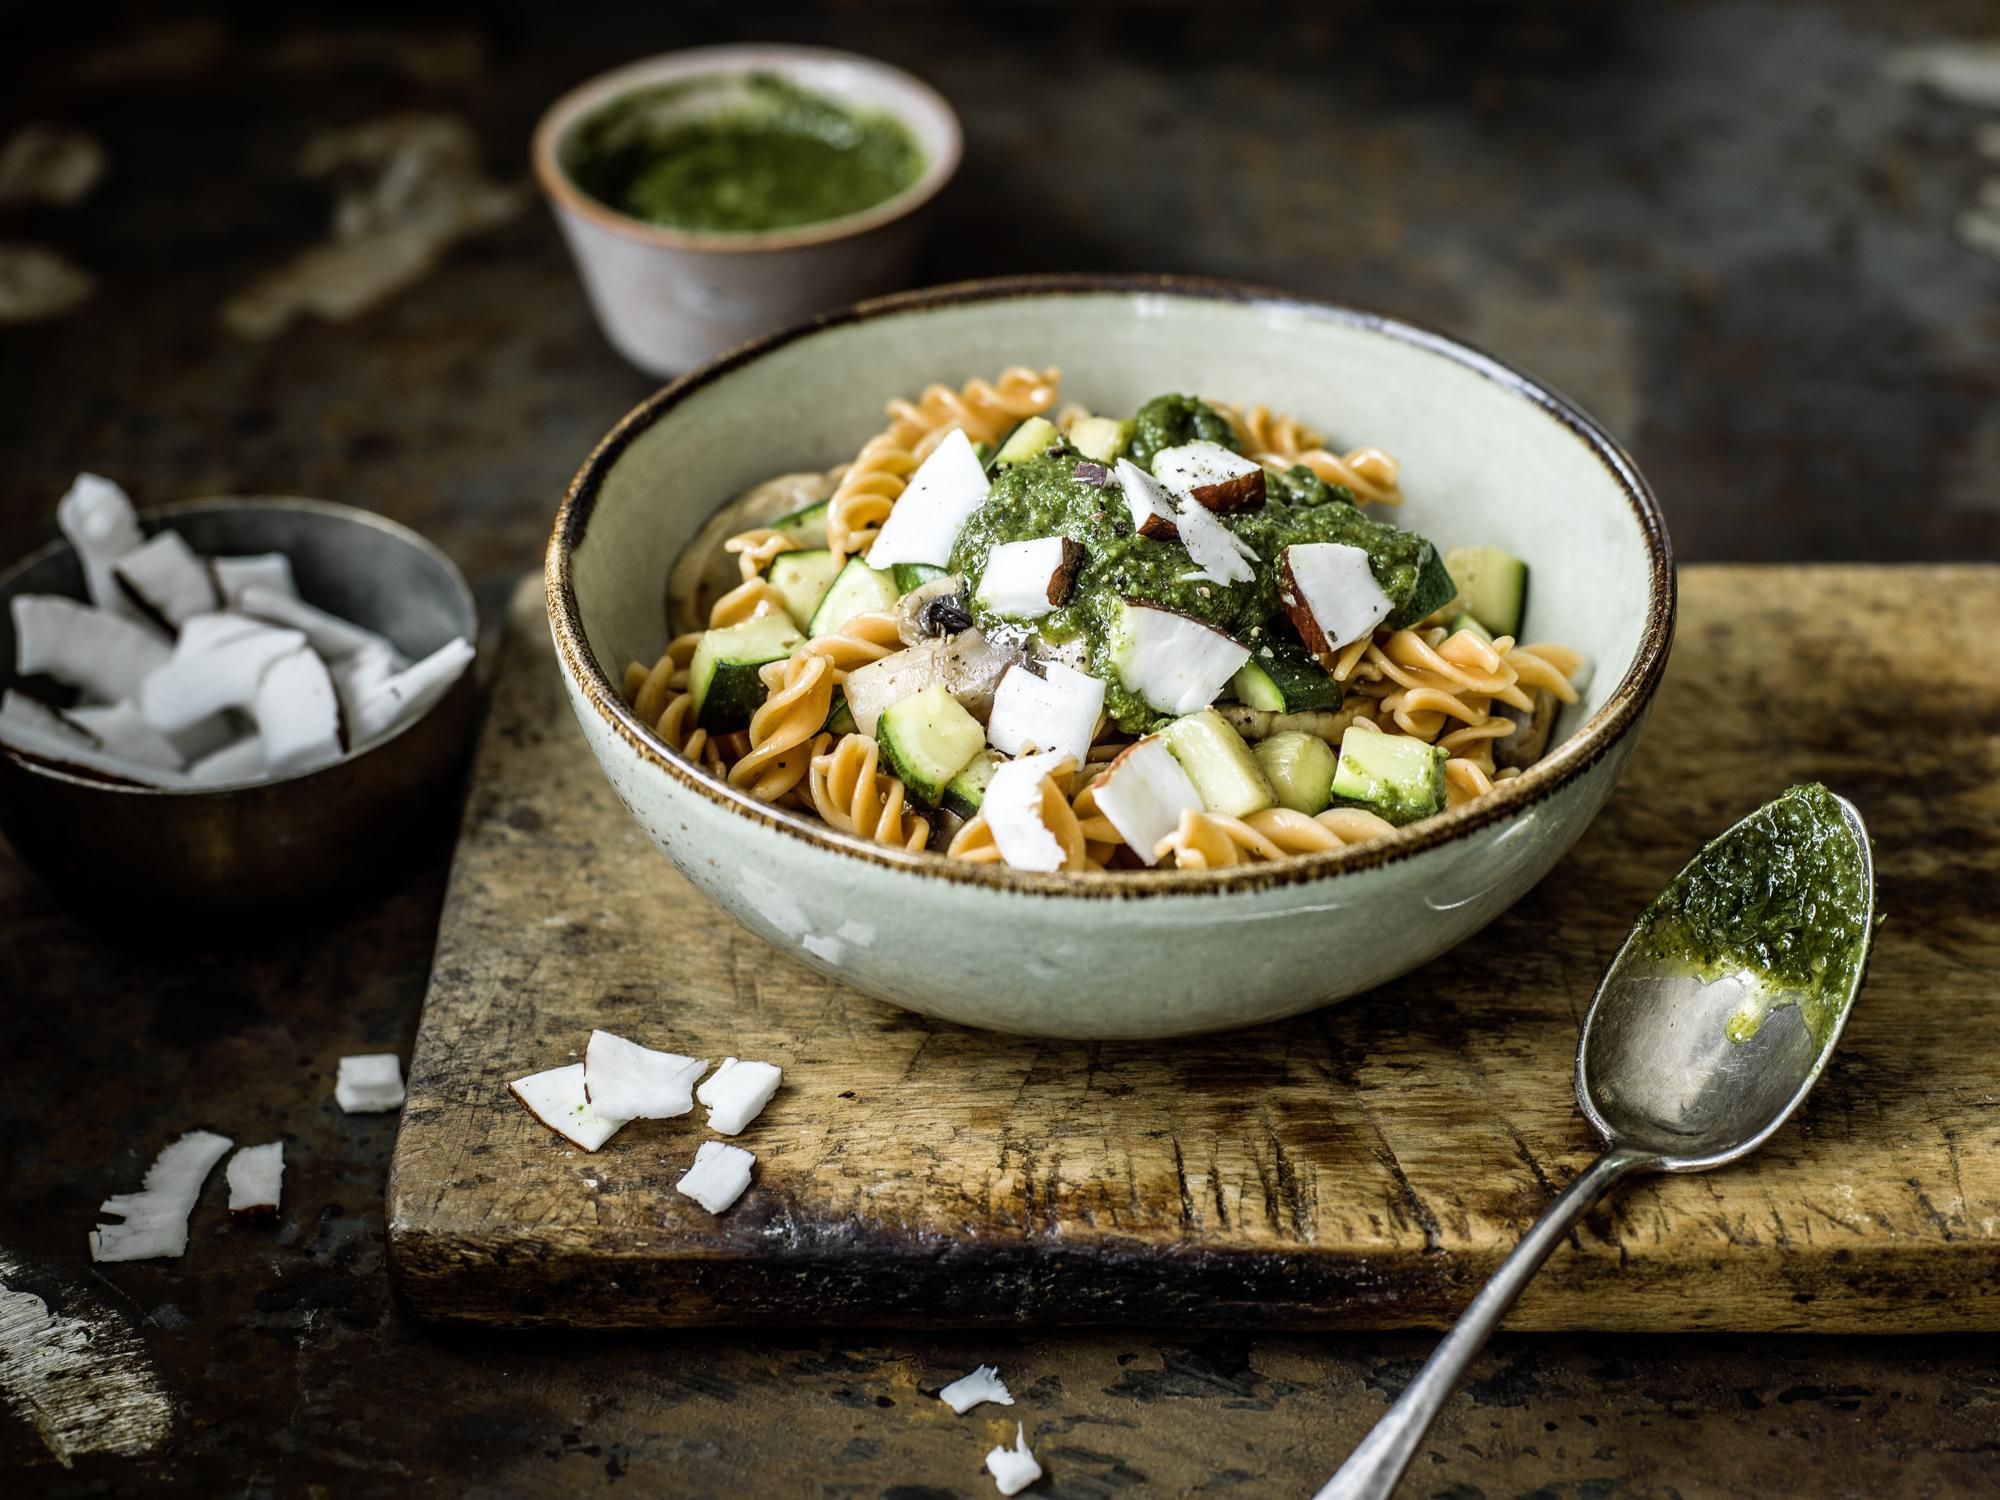 Food-Fotografie Bowls, Stefan Schmidlin Fotograf Basel; Bild 19.jpg